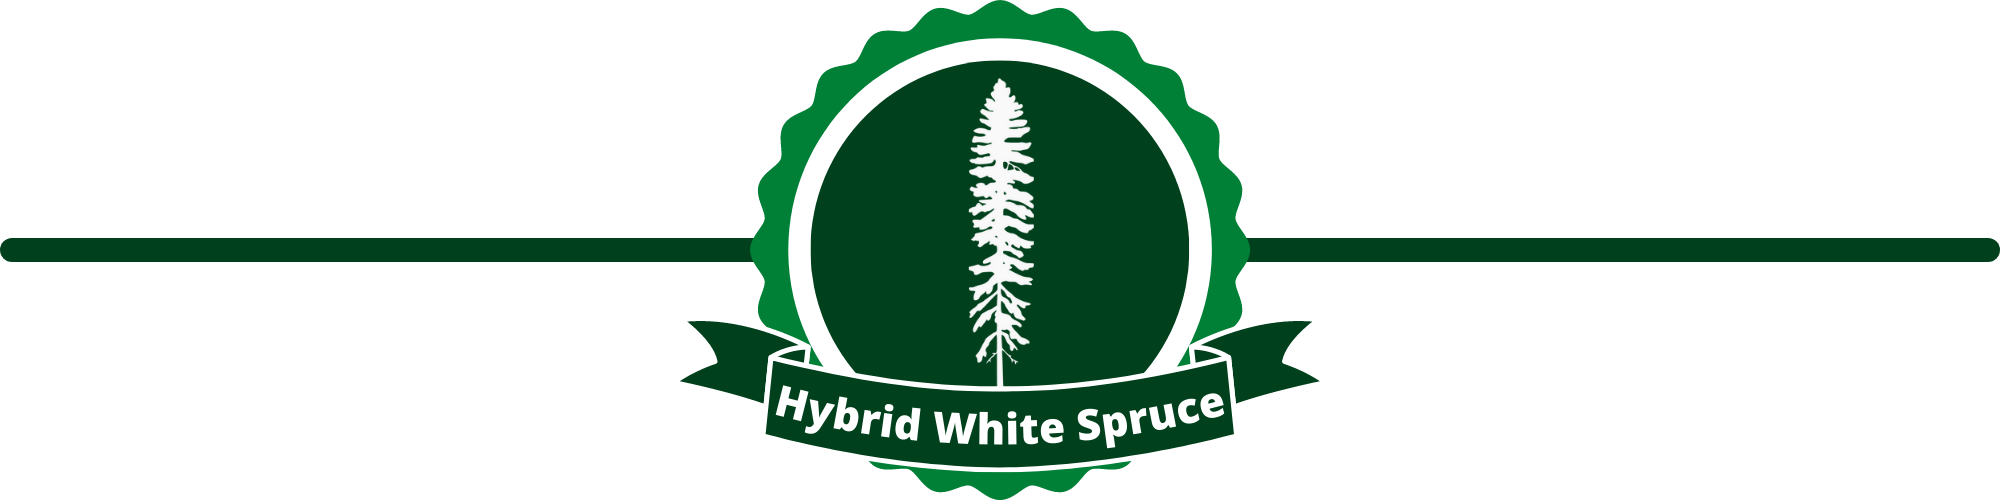 Hybrid White Spruce